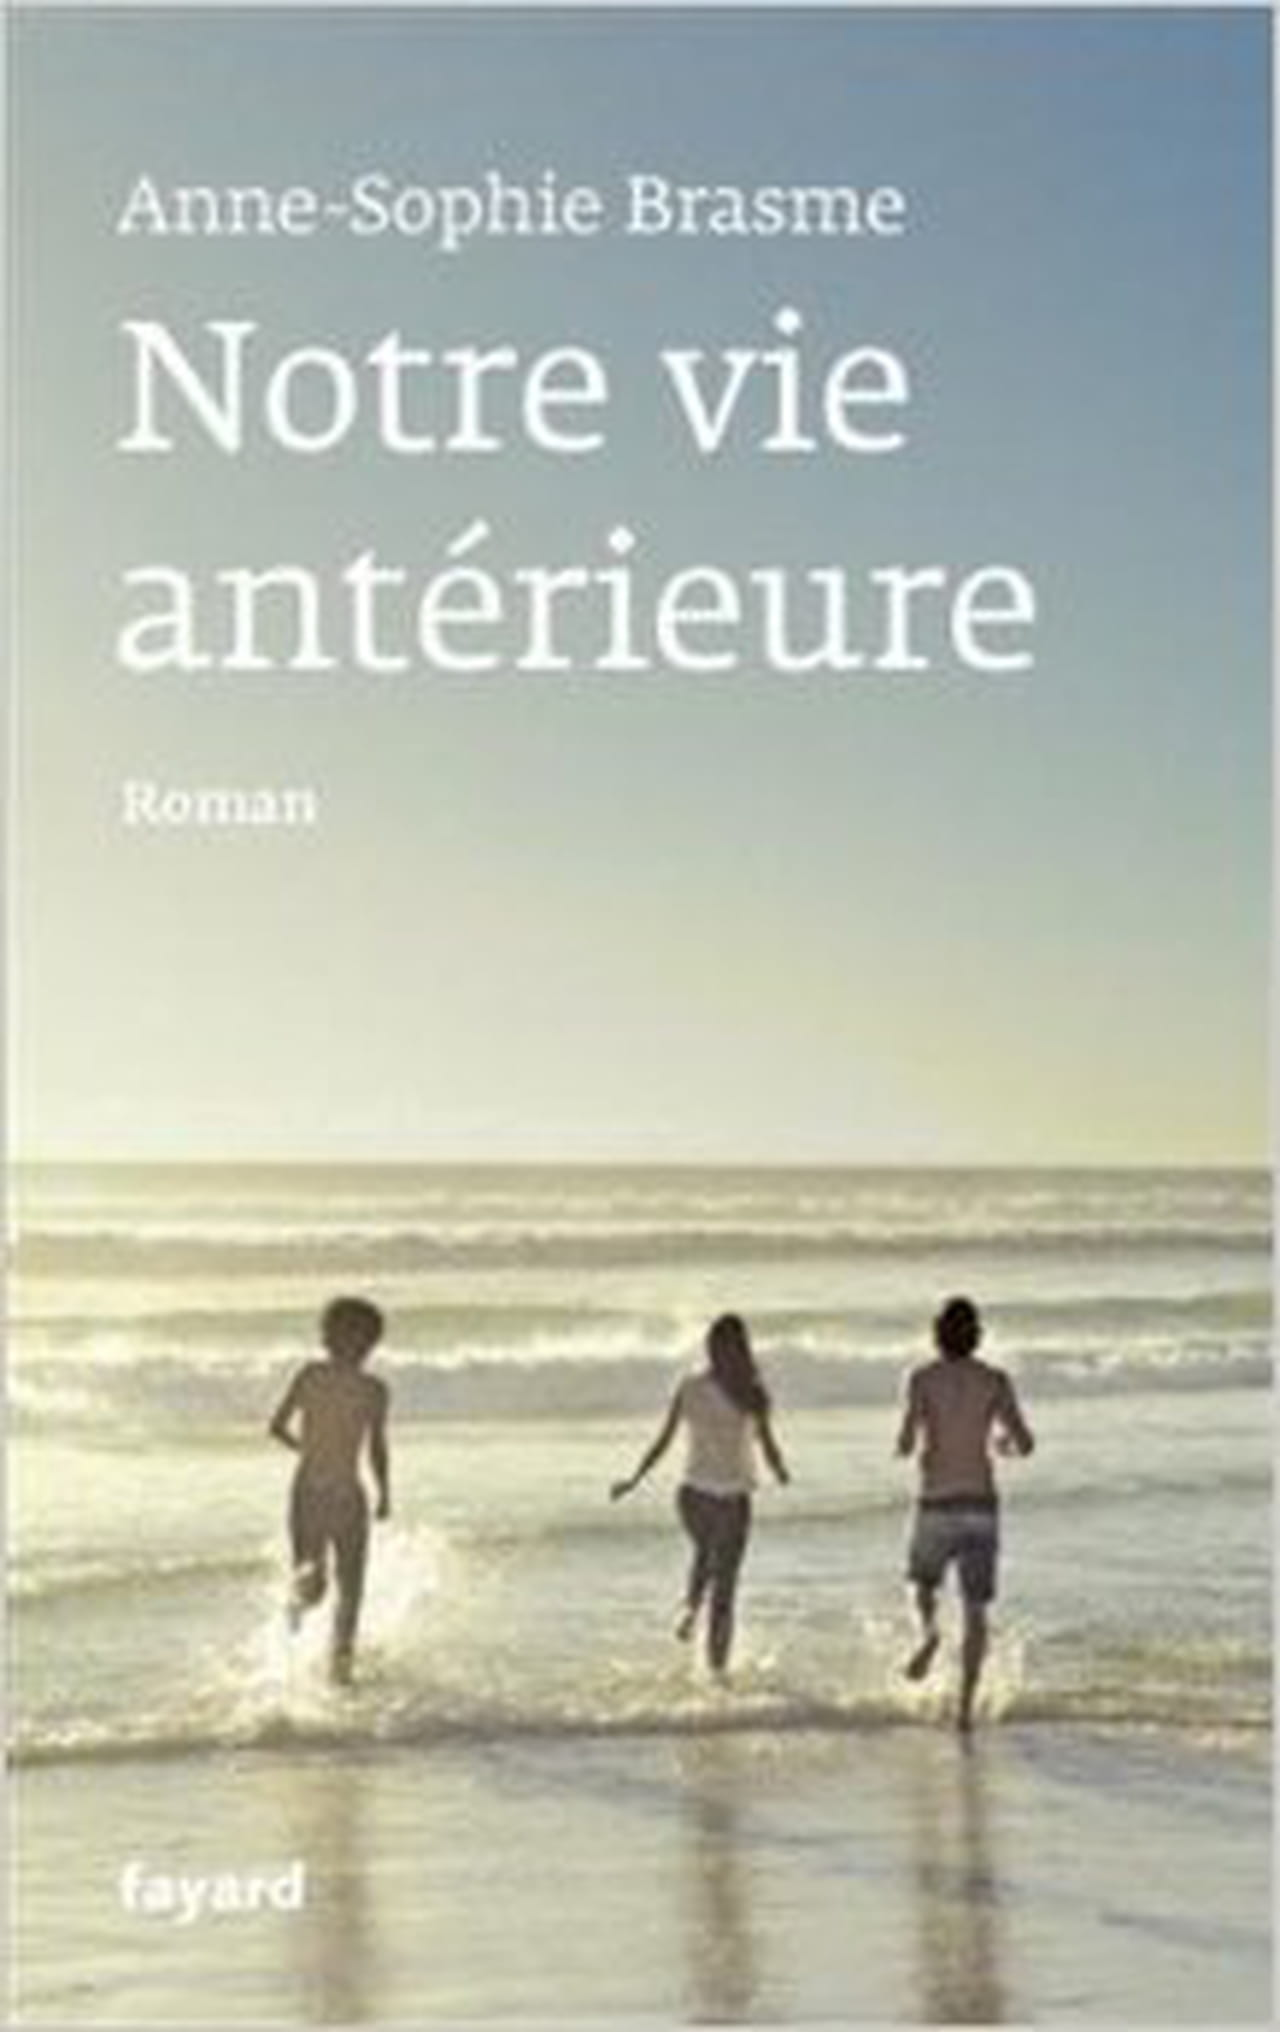 Image result for Anne-Sophie Brasme / Notre vie antérieure